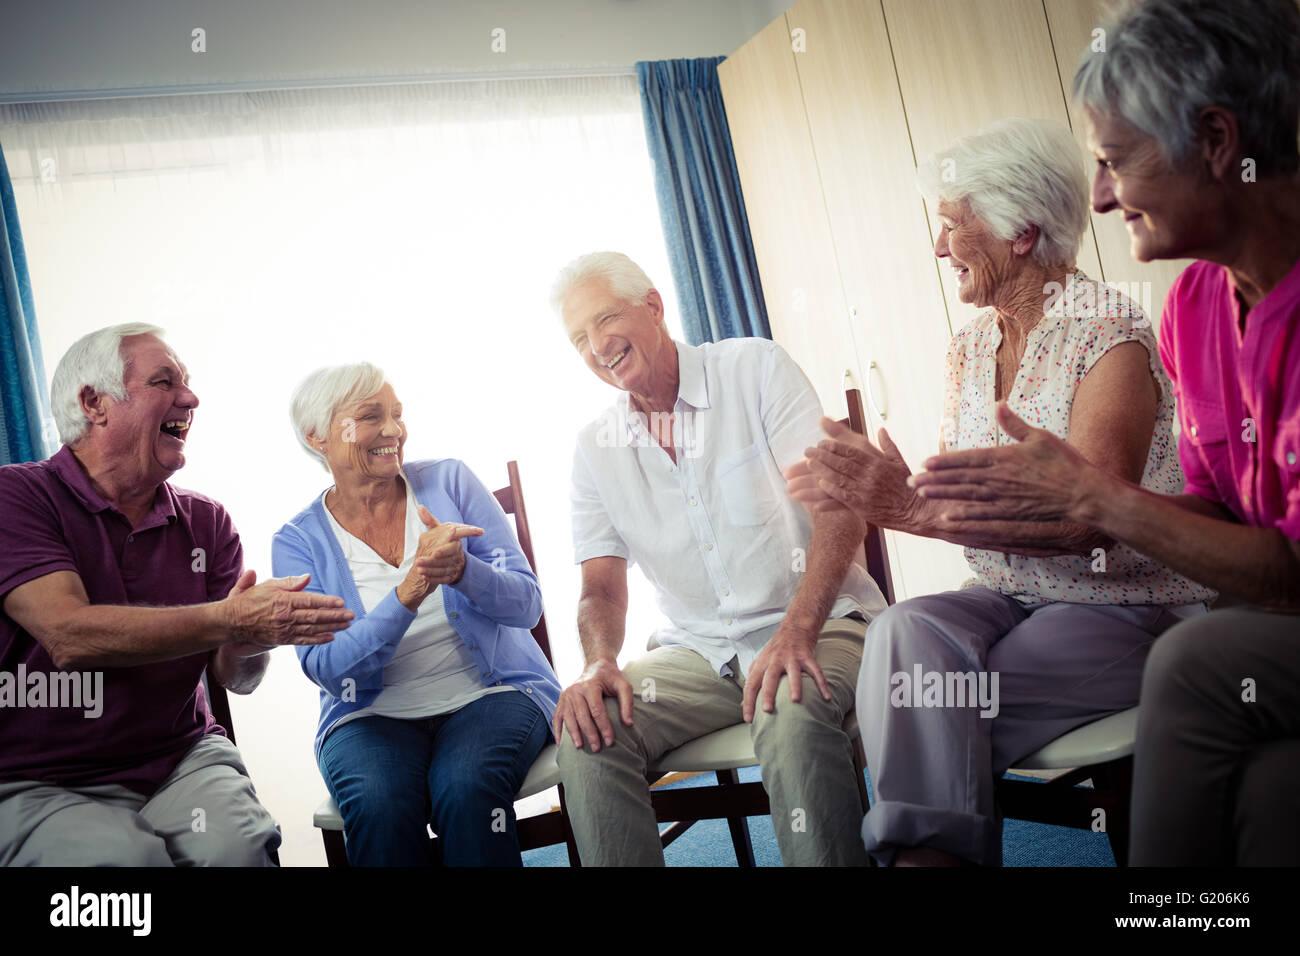 Seniors interacting Stock Photo